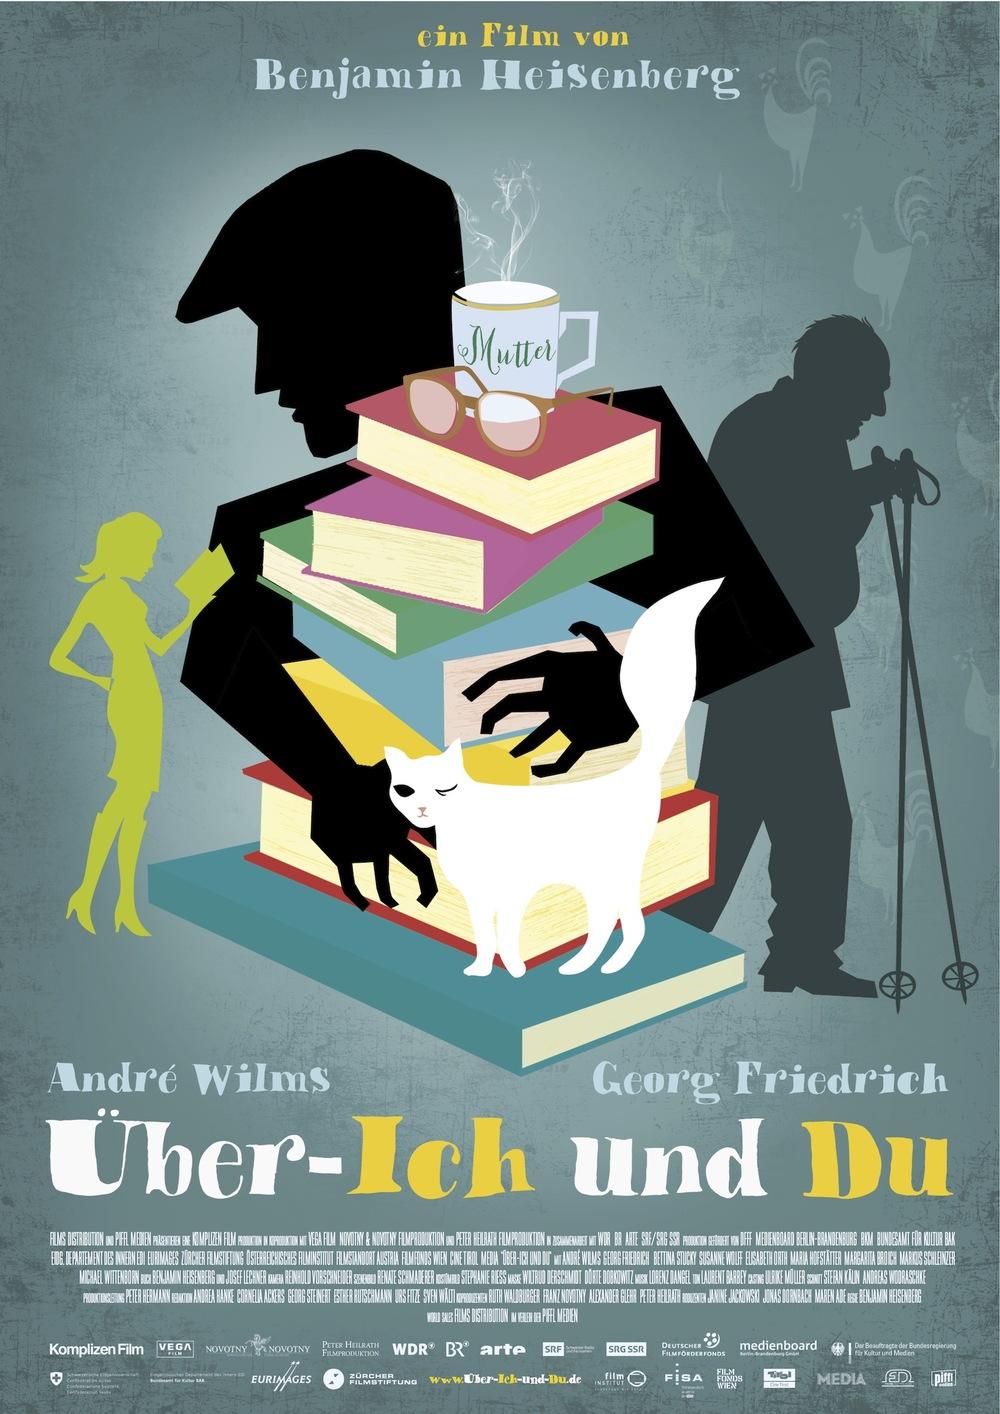 2014_Ueber-Ich_und_Du_Komplizen_Film.jpg